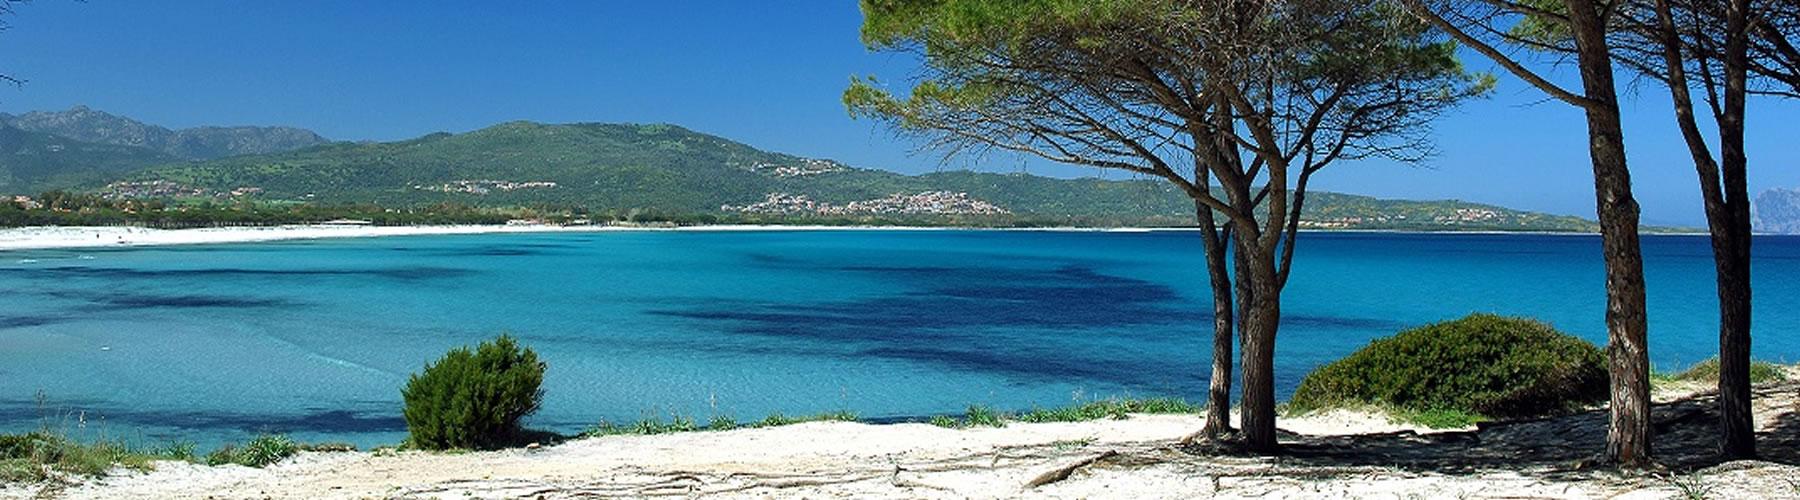 Camping village pedra e cupa budoni sardegna campeggio for Sardegna budoni spiagge